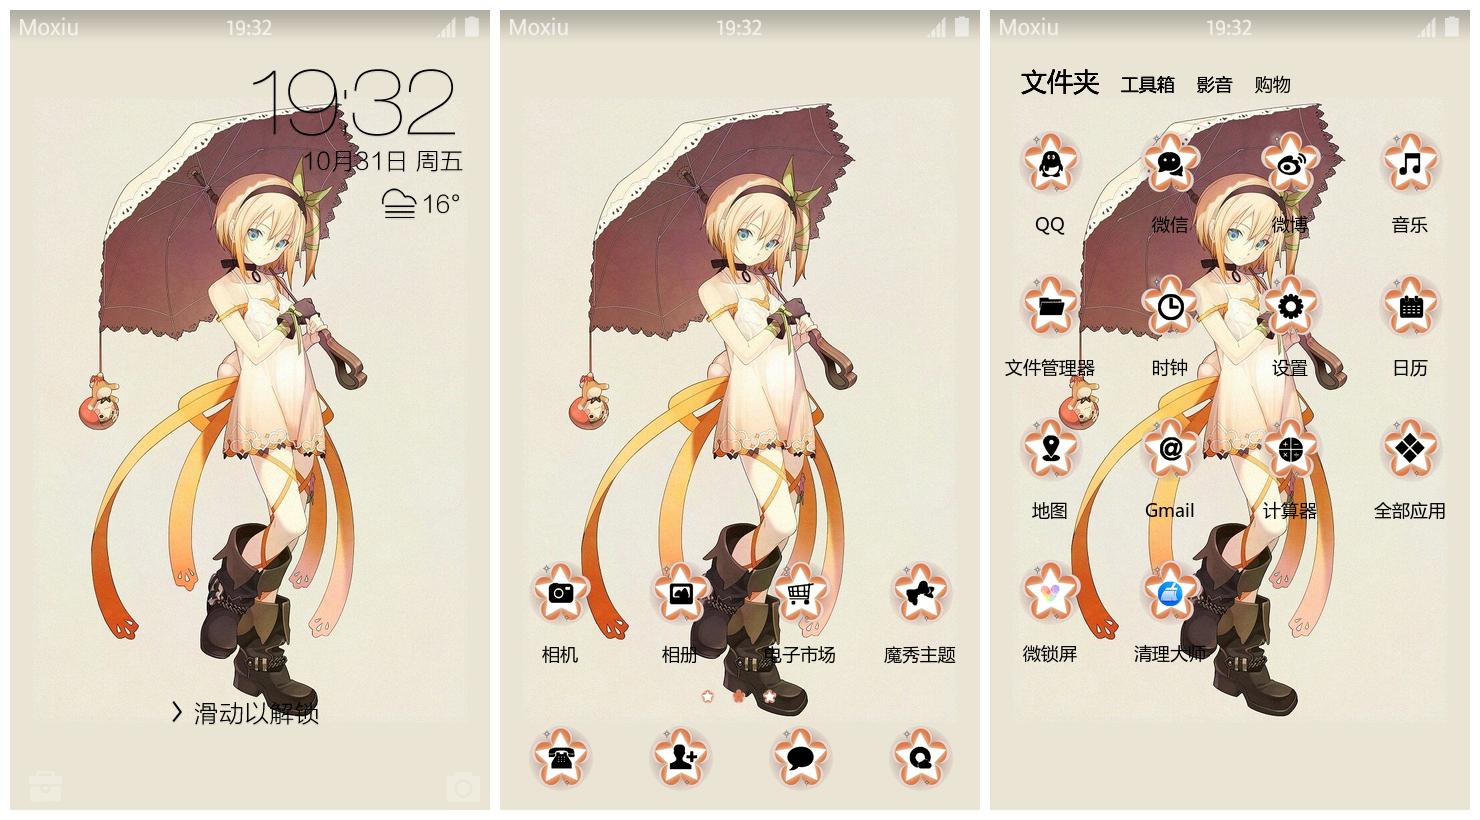 情热传说 the X手机主题,动漫手机主题,艾德娜手机主题